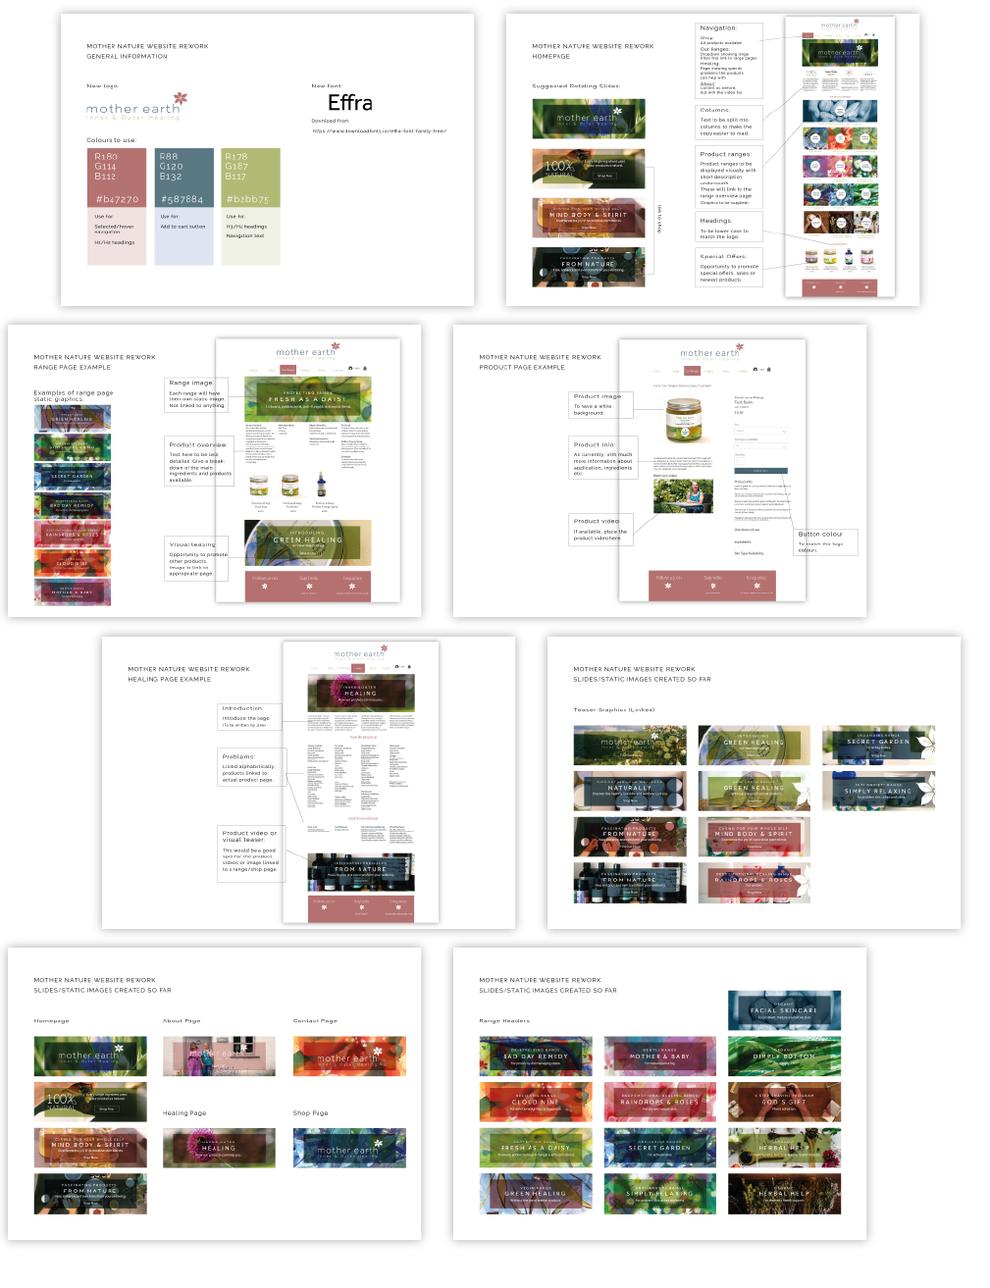 Website re-design directions for web deigner, Design By Pie, Freelance Graphic Designer, North Devon